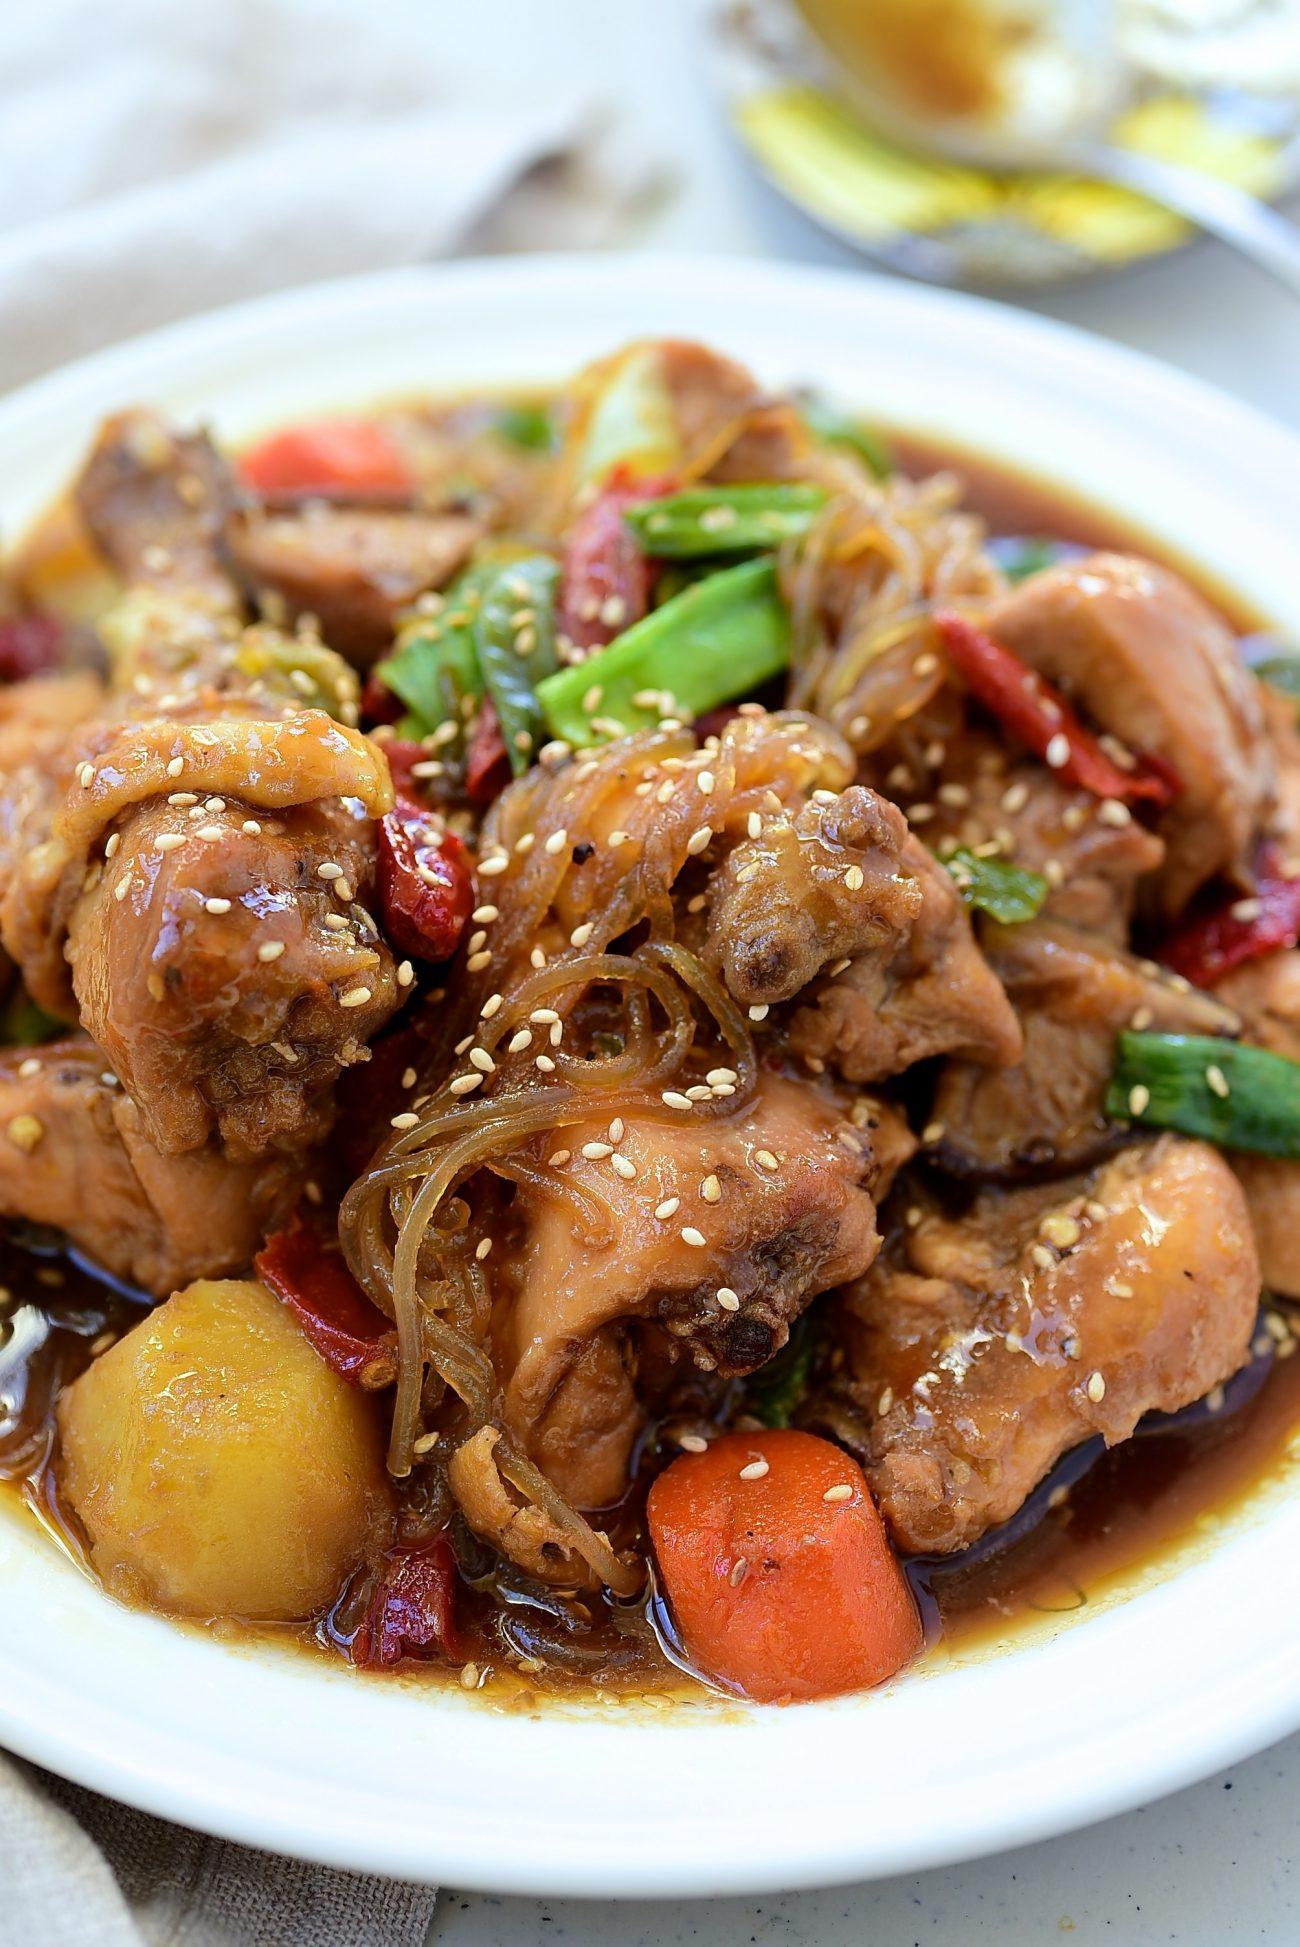 DSC 3326 1 e1613667001991 - Jjimdak (Korean Braised chicken)